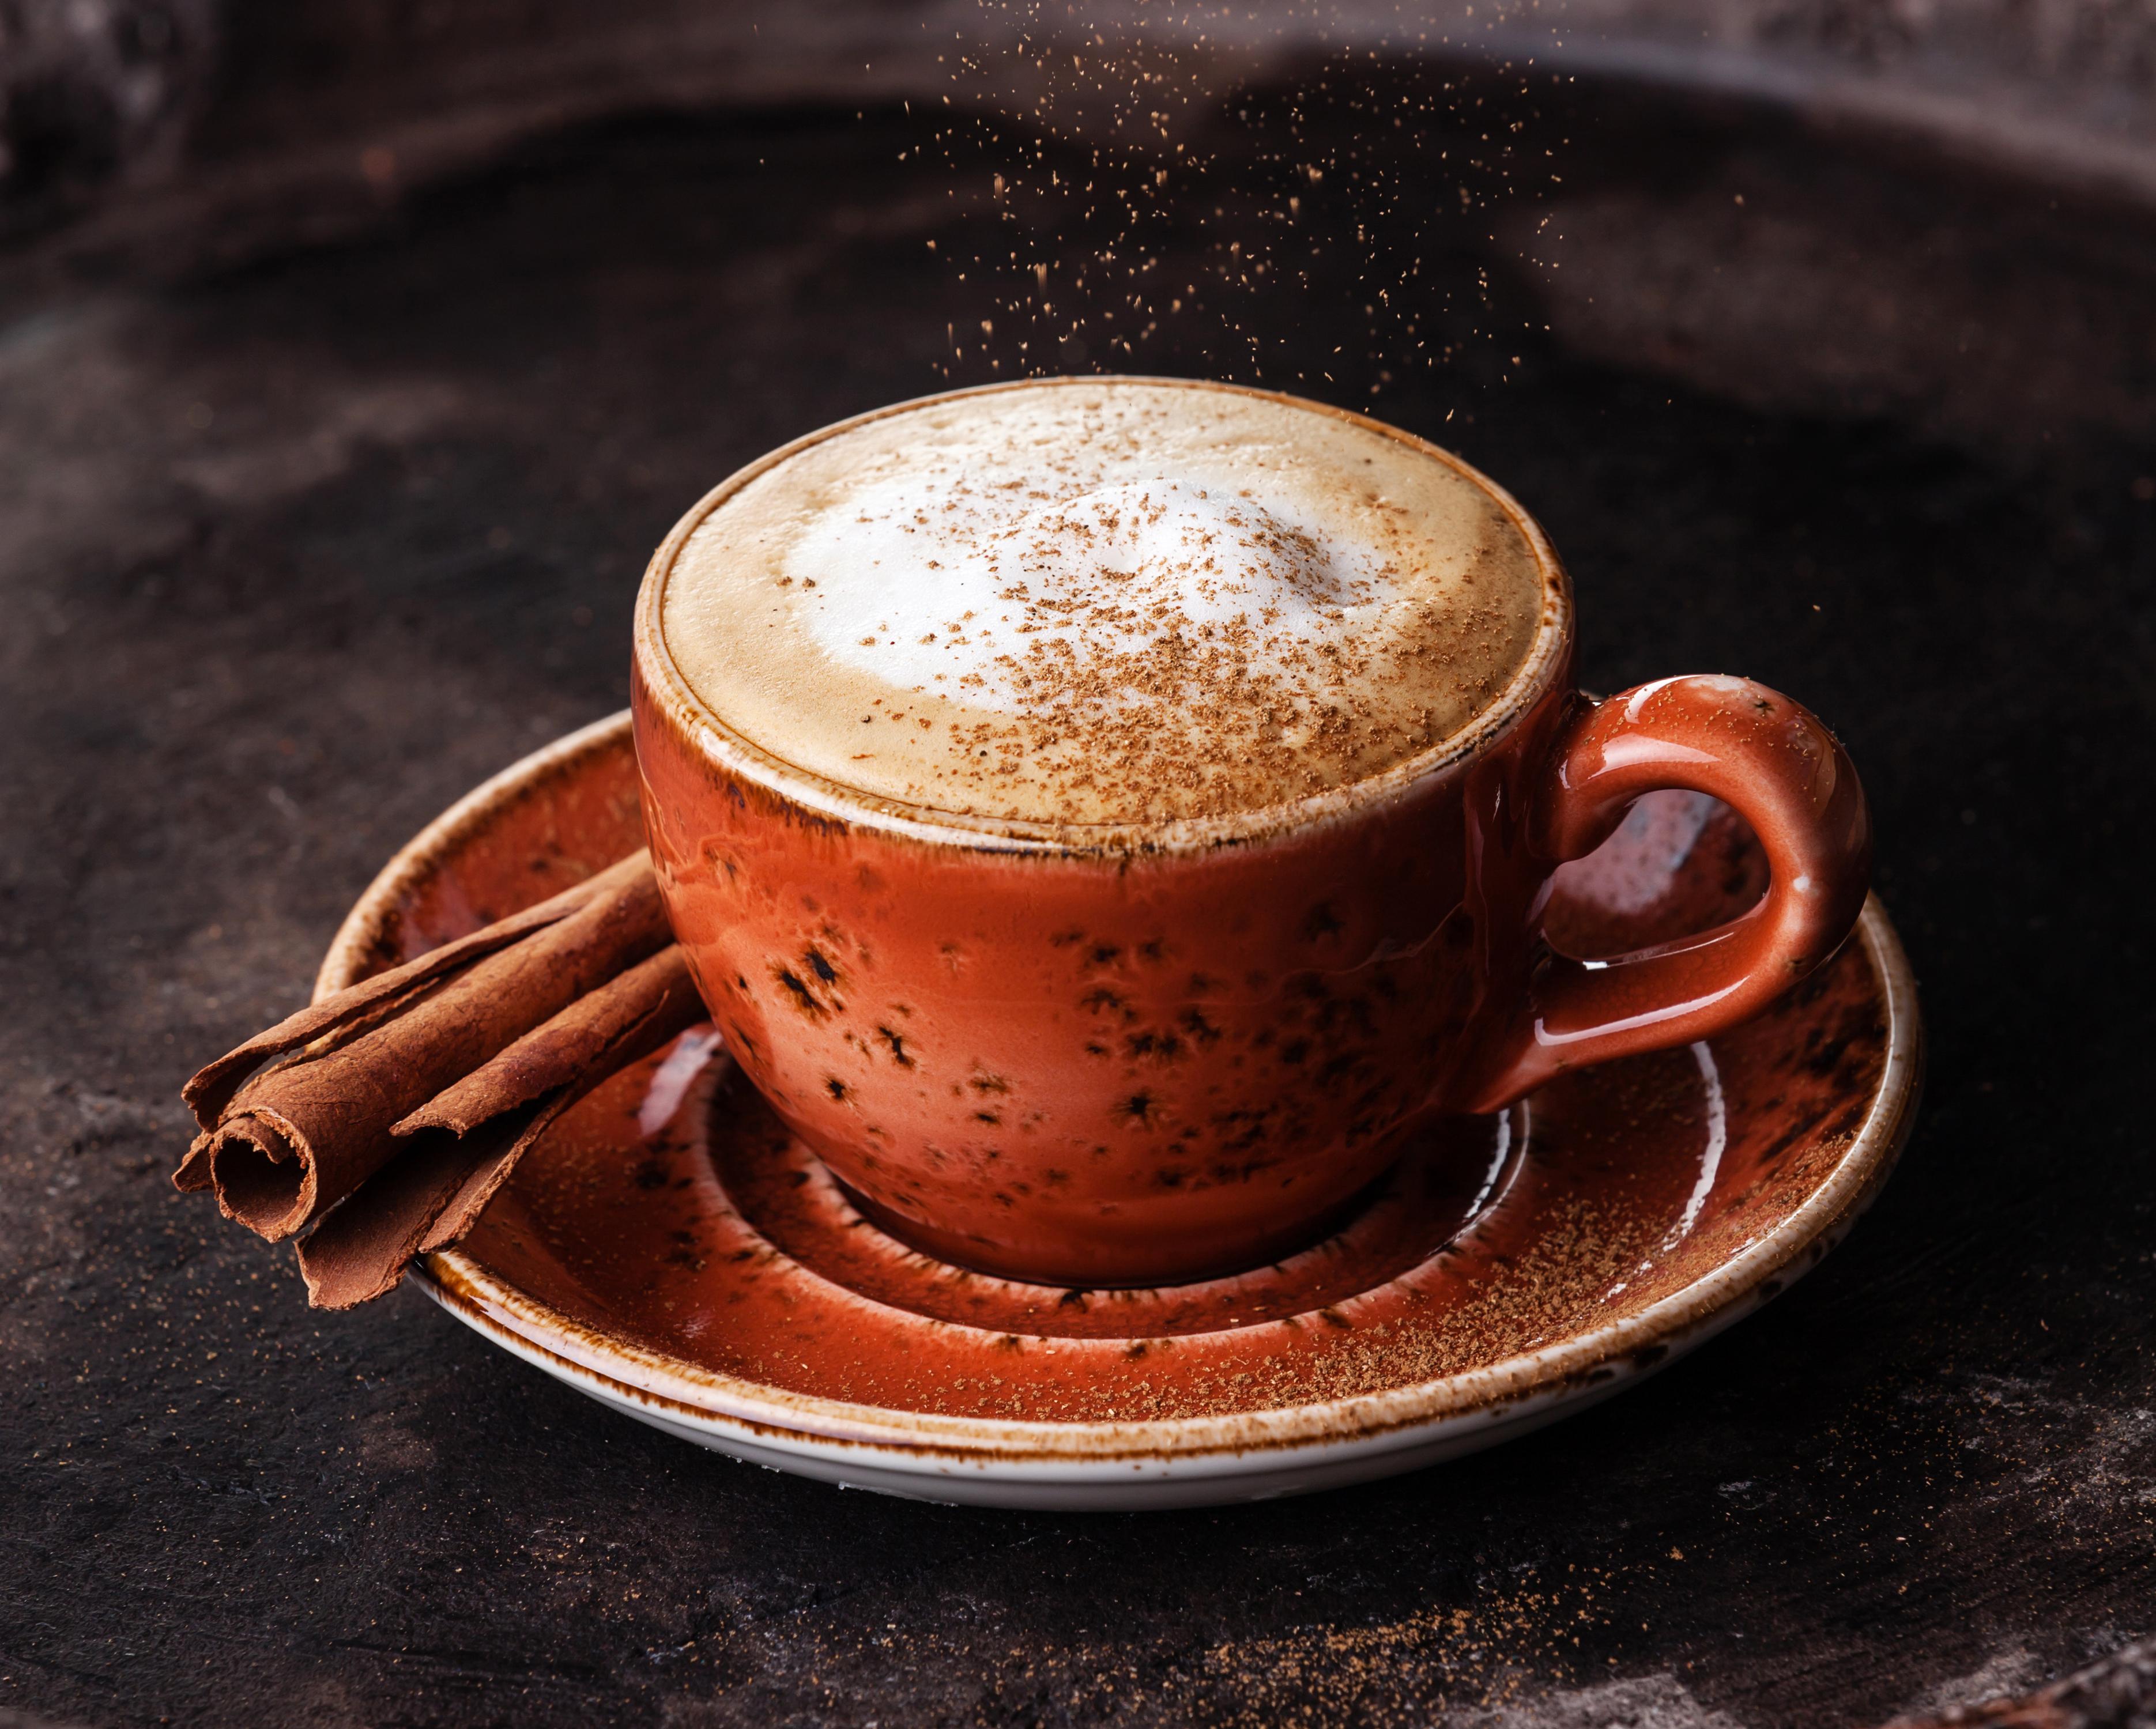 корица кофе чашка cinnamon coffee Cup  № 1119894 бесплатно